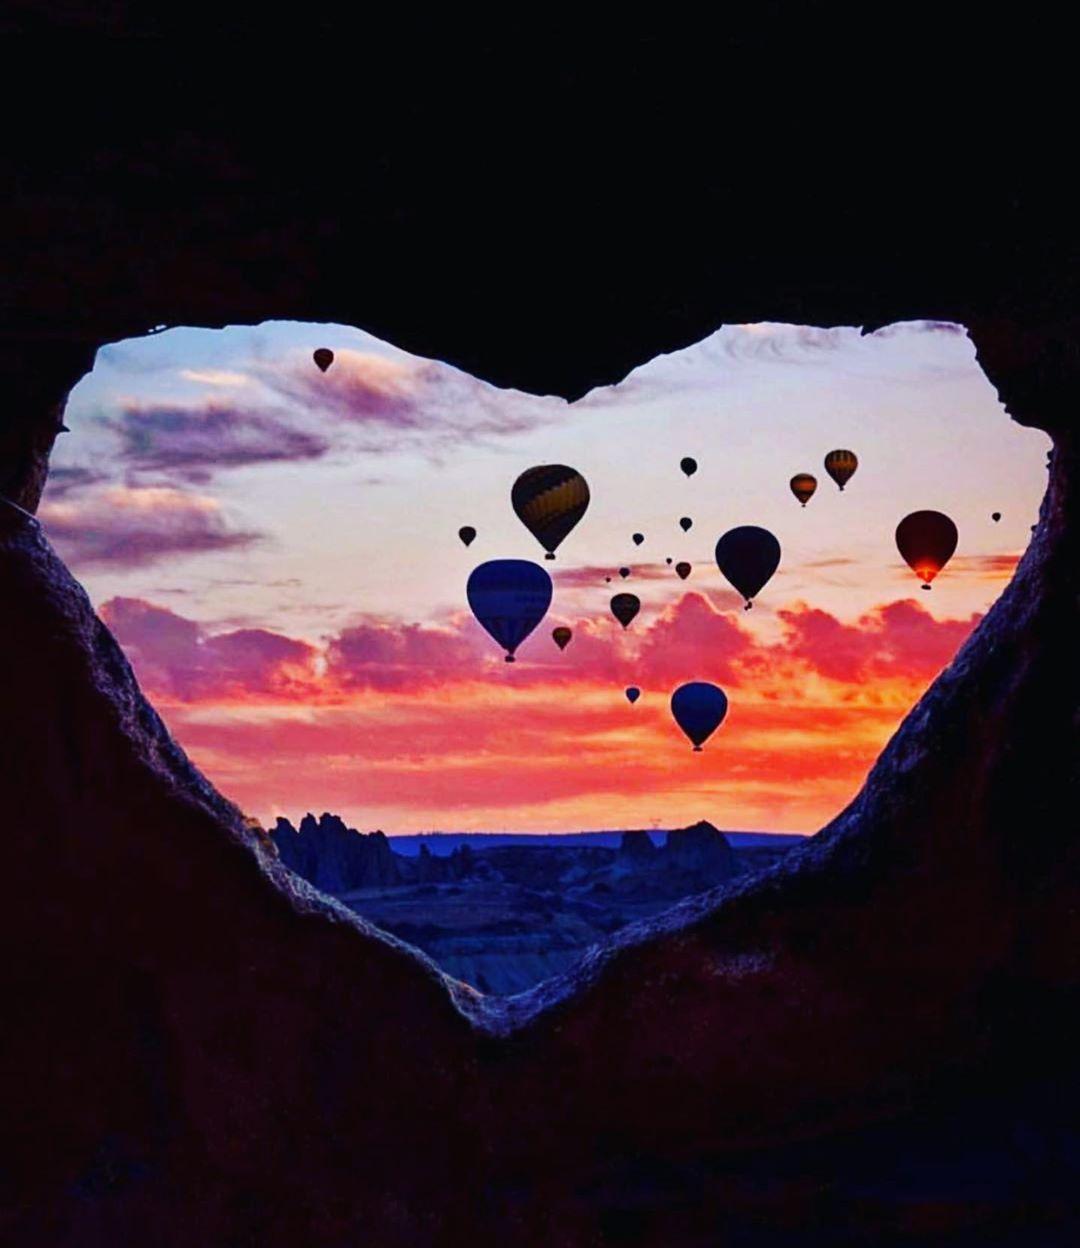 cappadocia #La #mstica #de #turquia #es #el #escenario #perfecto #de #los #amores #imposibles... #un #lugar #que #invita #a #vivir #los #mejores #recuerdos... #. #. #Solicit #tu #asesoramiento #y #presupuesto #+info #escribinos #whatsapp #0992-323111 #travelcenter #. #. #Travel #Center. #asuncion #paraguay #turkey #turquia #kappadokya #cappadociaturkey #beautiful #beauty #love #photography #travel #travelphotography #travelgram #travelling #travelblogger #tattoo